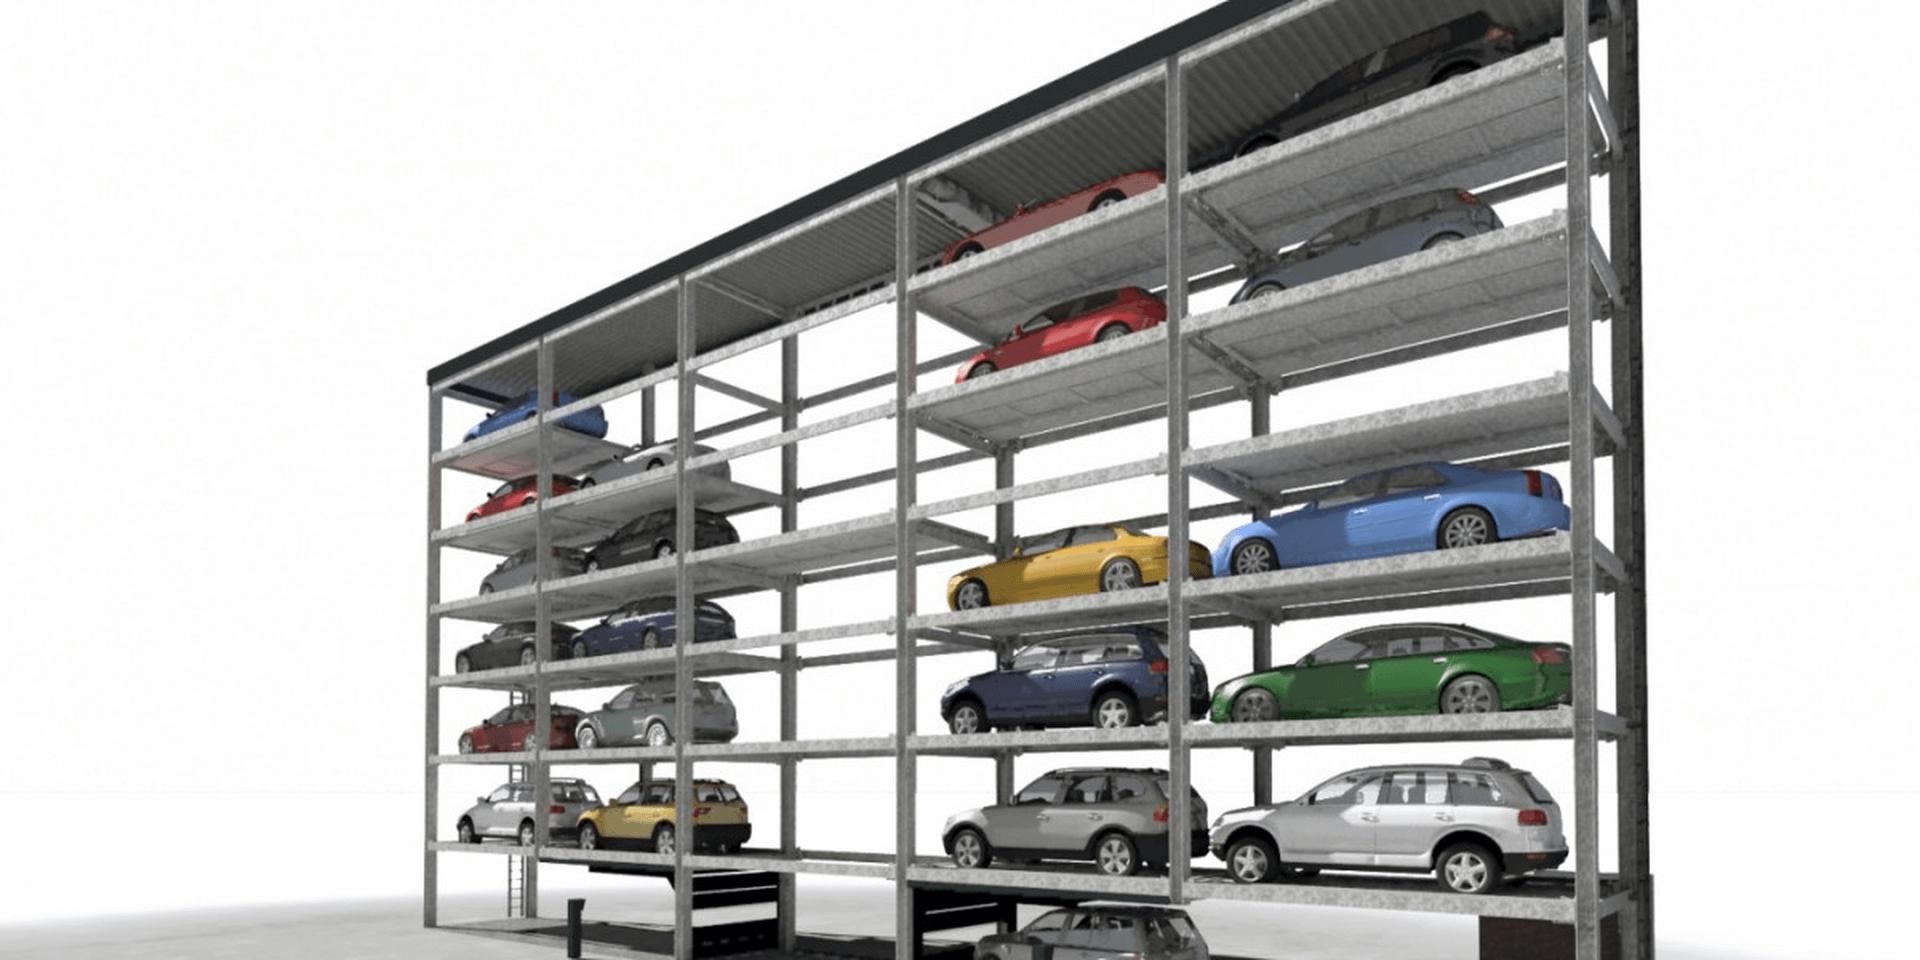 Slimparker 557 - parcheggio automatizzato